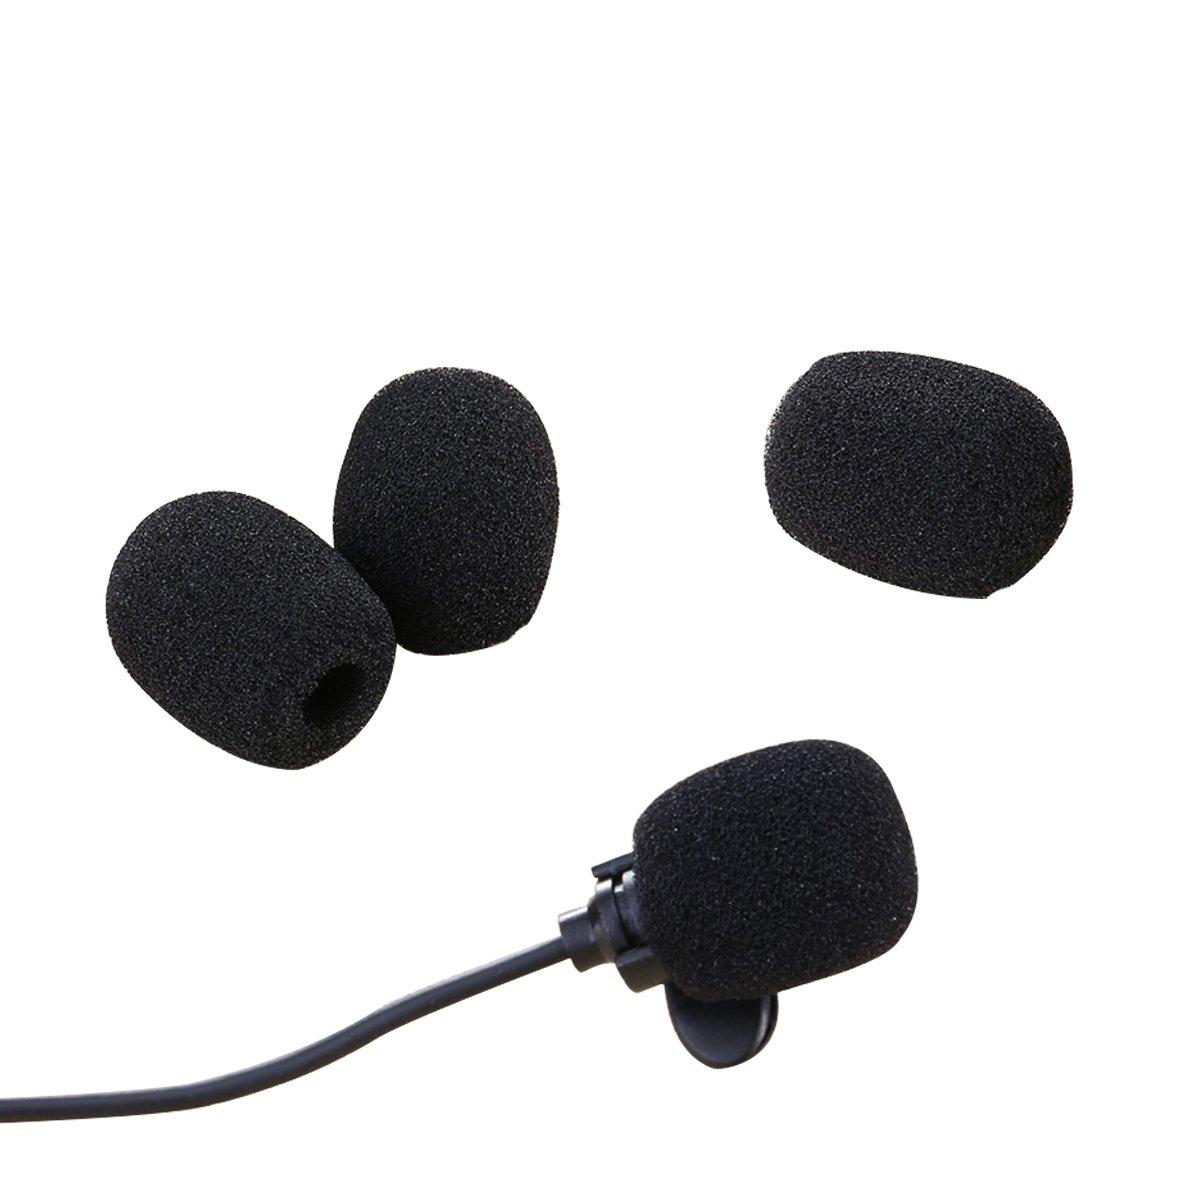 Pantallas Antiviento de Micr/ófono Auriculares de Solapa Mini Tama/ño 15 Piezas Cubiertas de Micr/ófono de Espuma